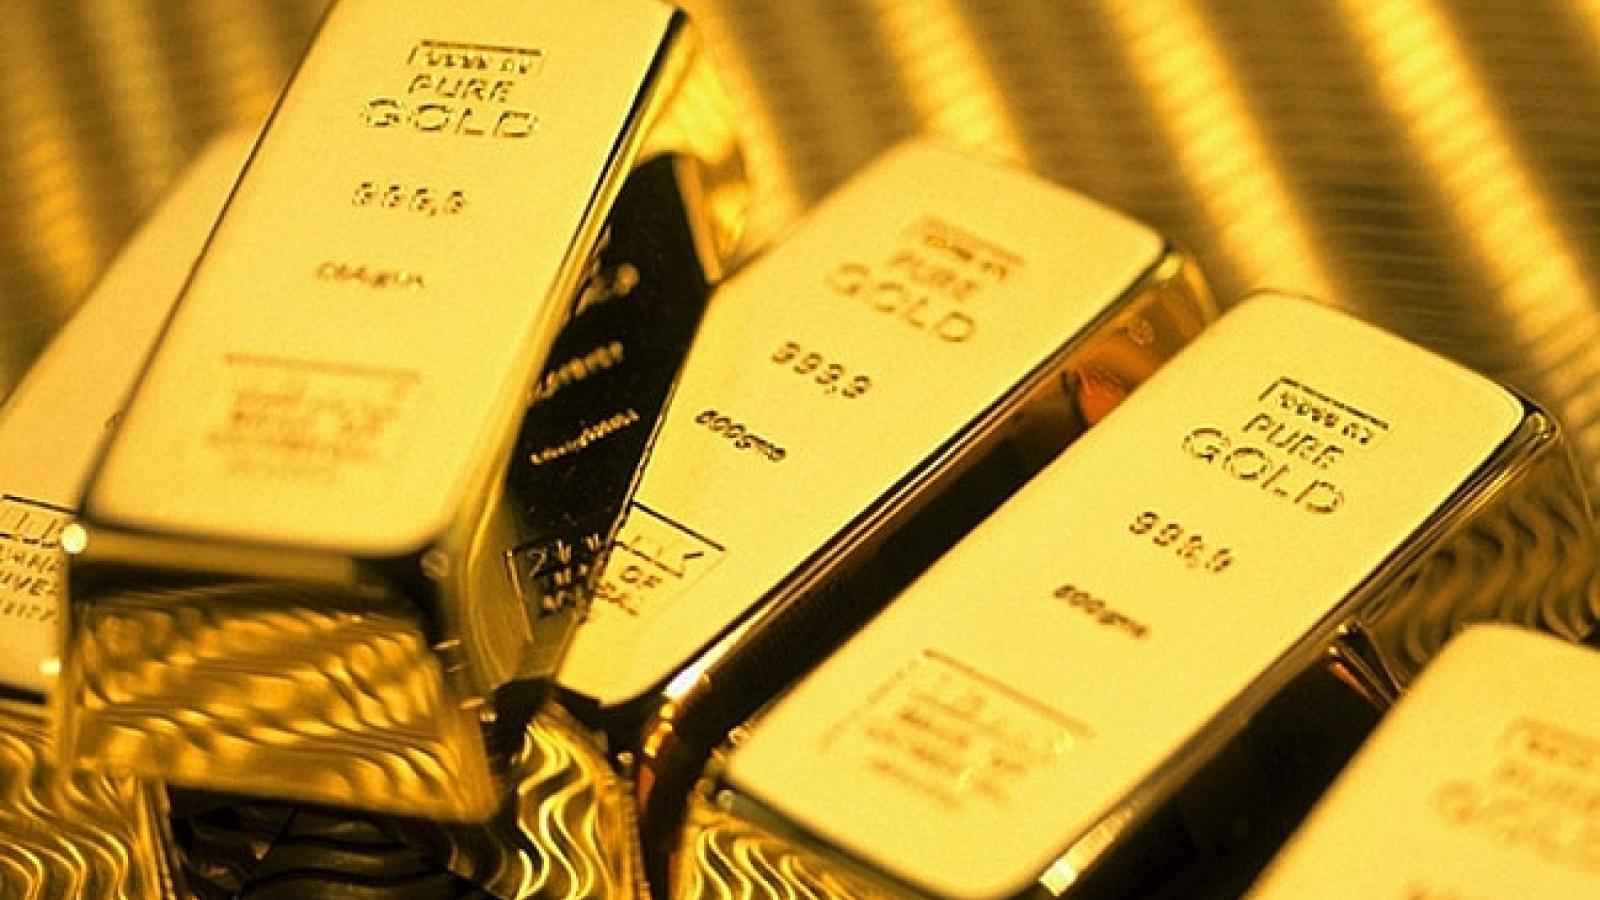 Giá vàng SJC tăng trở lại theo giá vàng thế giới